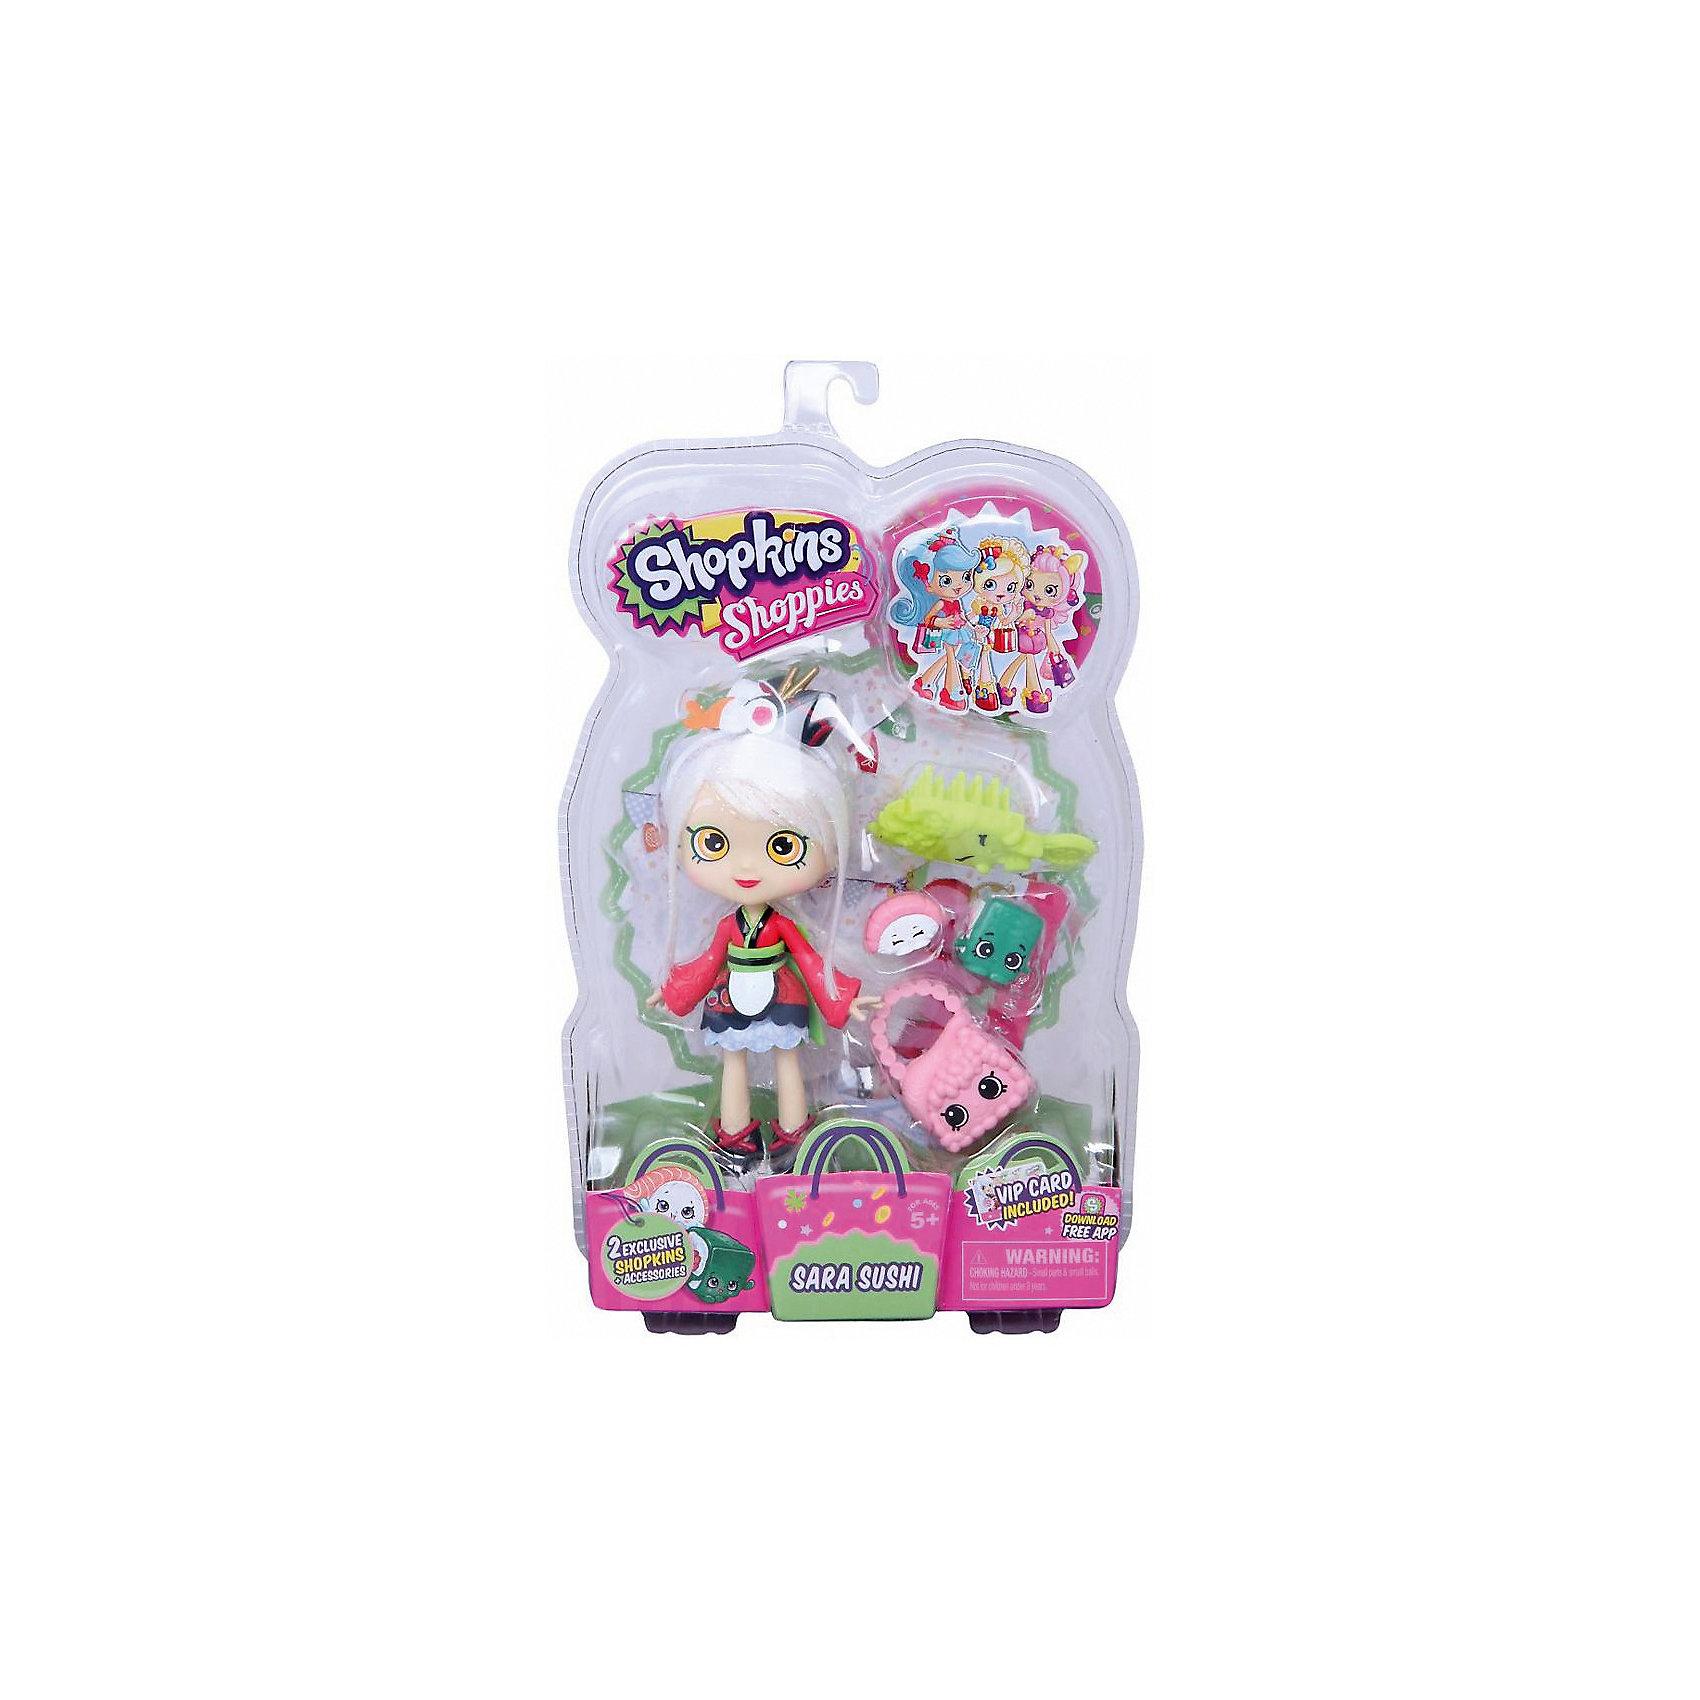 Кукла Сара-Суши с аксессуарами, ShopkinsShopkins<br>Шопкинс - это любимые герои многих современных детей! Кукла в виде героини из одноименного мультфильма Сара-Суши обязательно порадует ребенка, тем более, что она дополнена стильным нарядом и аксессуарами.<br>Такие игрушки способствуют развитию мелкой моторики, мышления и социальных навыков. Также куклы помогают девочкам научиться ухаживать за собой и за другими. Сделана из материалов, безопасных для детей.<br><br>Дополнительная информация:<br><br>комплектация: кукла, сумочка, 2 эксклюзивных Shopkins, расческа, VIP карточка и подставка для куклы;<br>рекомендуемый возраст: от трех лет;<br>материал: полимер.<br><br>Куклу Сара-Суши с аксессуарами от бренда Shopkins (Шопкинс) можно купить в нашем интернет-магазине.<br><br>Ширина мм: 68<br>Глубина мм: 170<br>Высота мм: 250<br>Вес г: 250<br>Возраст от месяцев: 36<br>Возраст до месяцев: 120<br>Пол: Женский<br>Возраст: Детский<br>SKU: 5055352